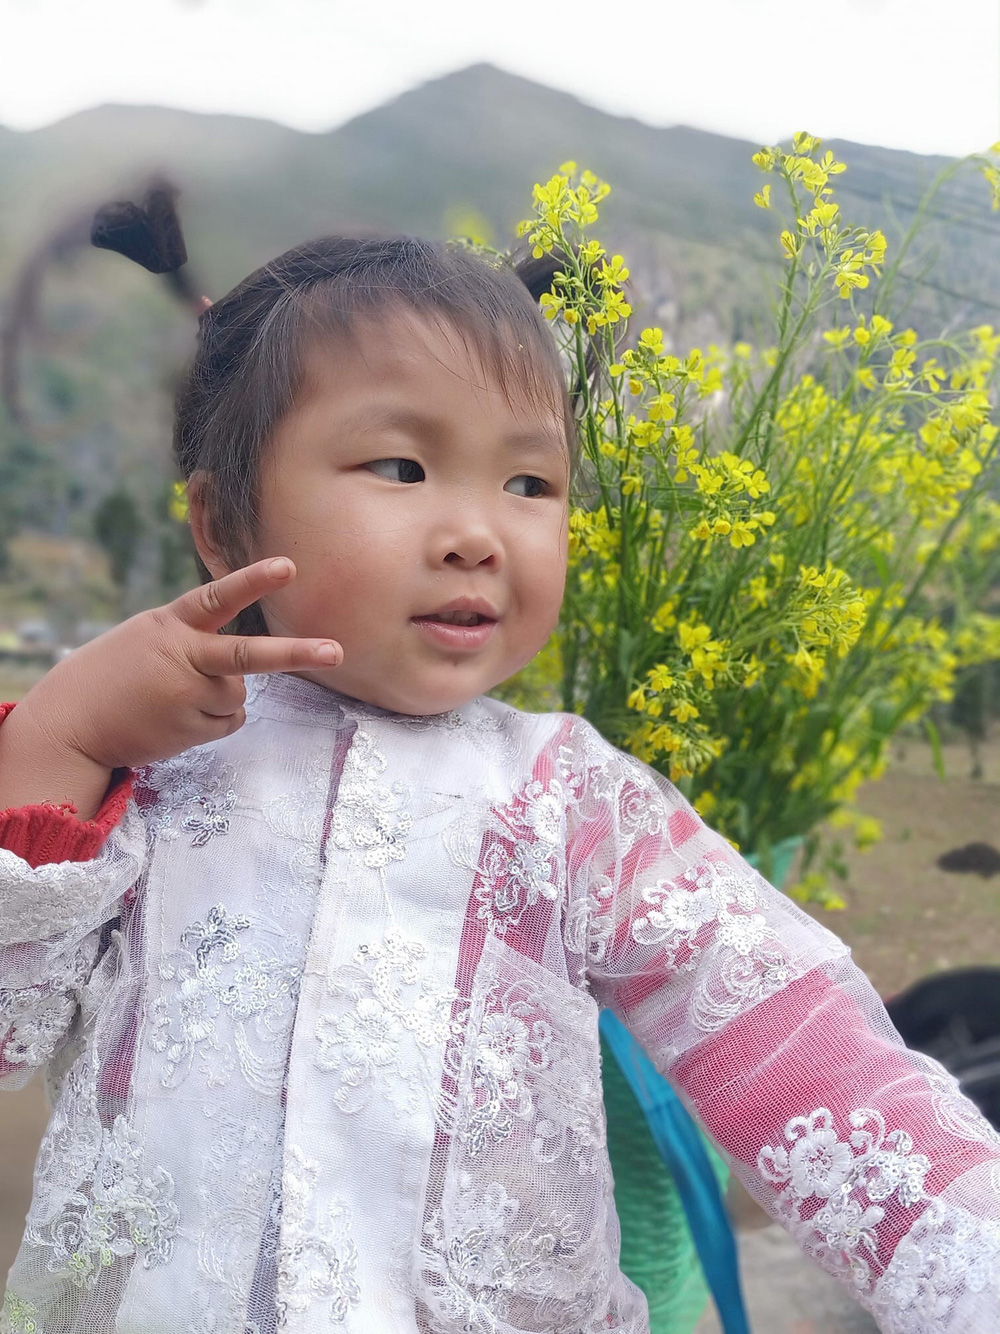 Khoảnh khắc cô bé Hà Giang nô đùa, cười rạng rỡ bên đường khiến bao người xao xuyến - Ảnh 11.